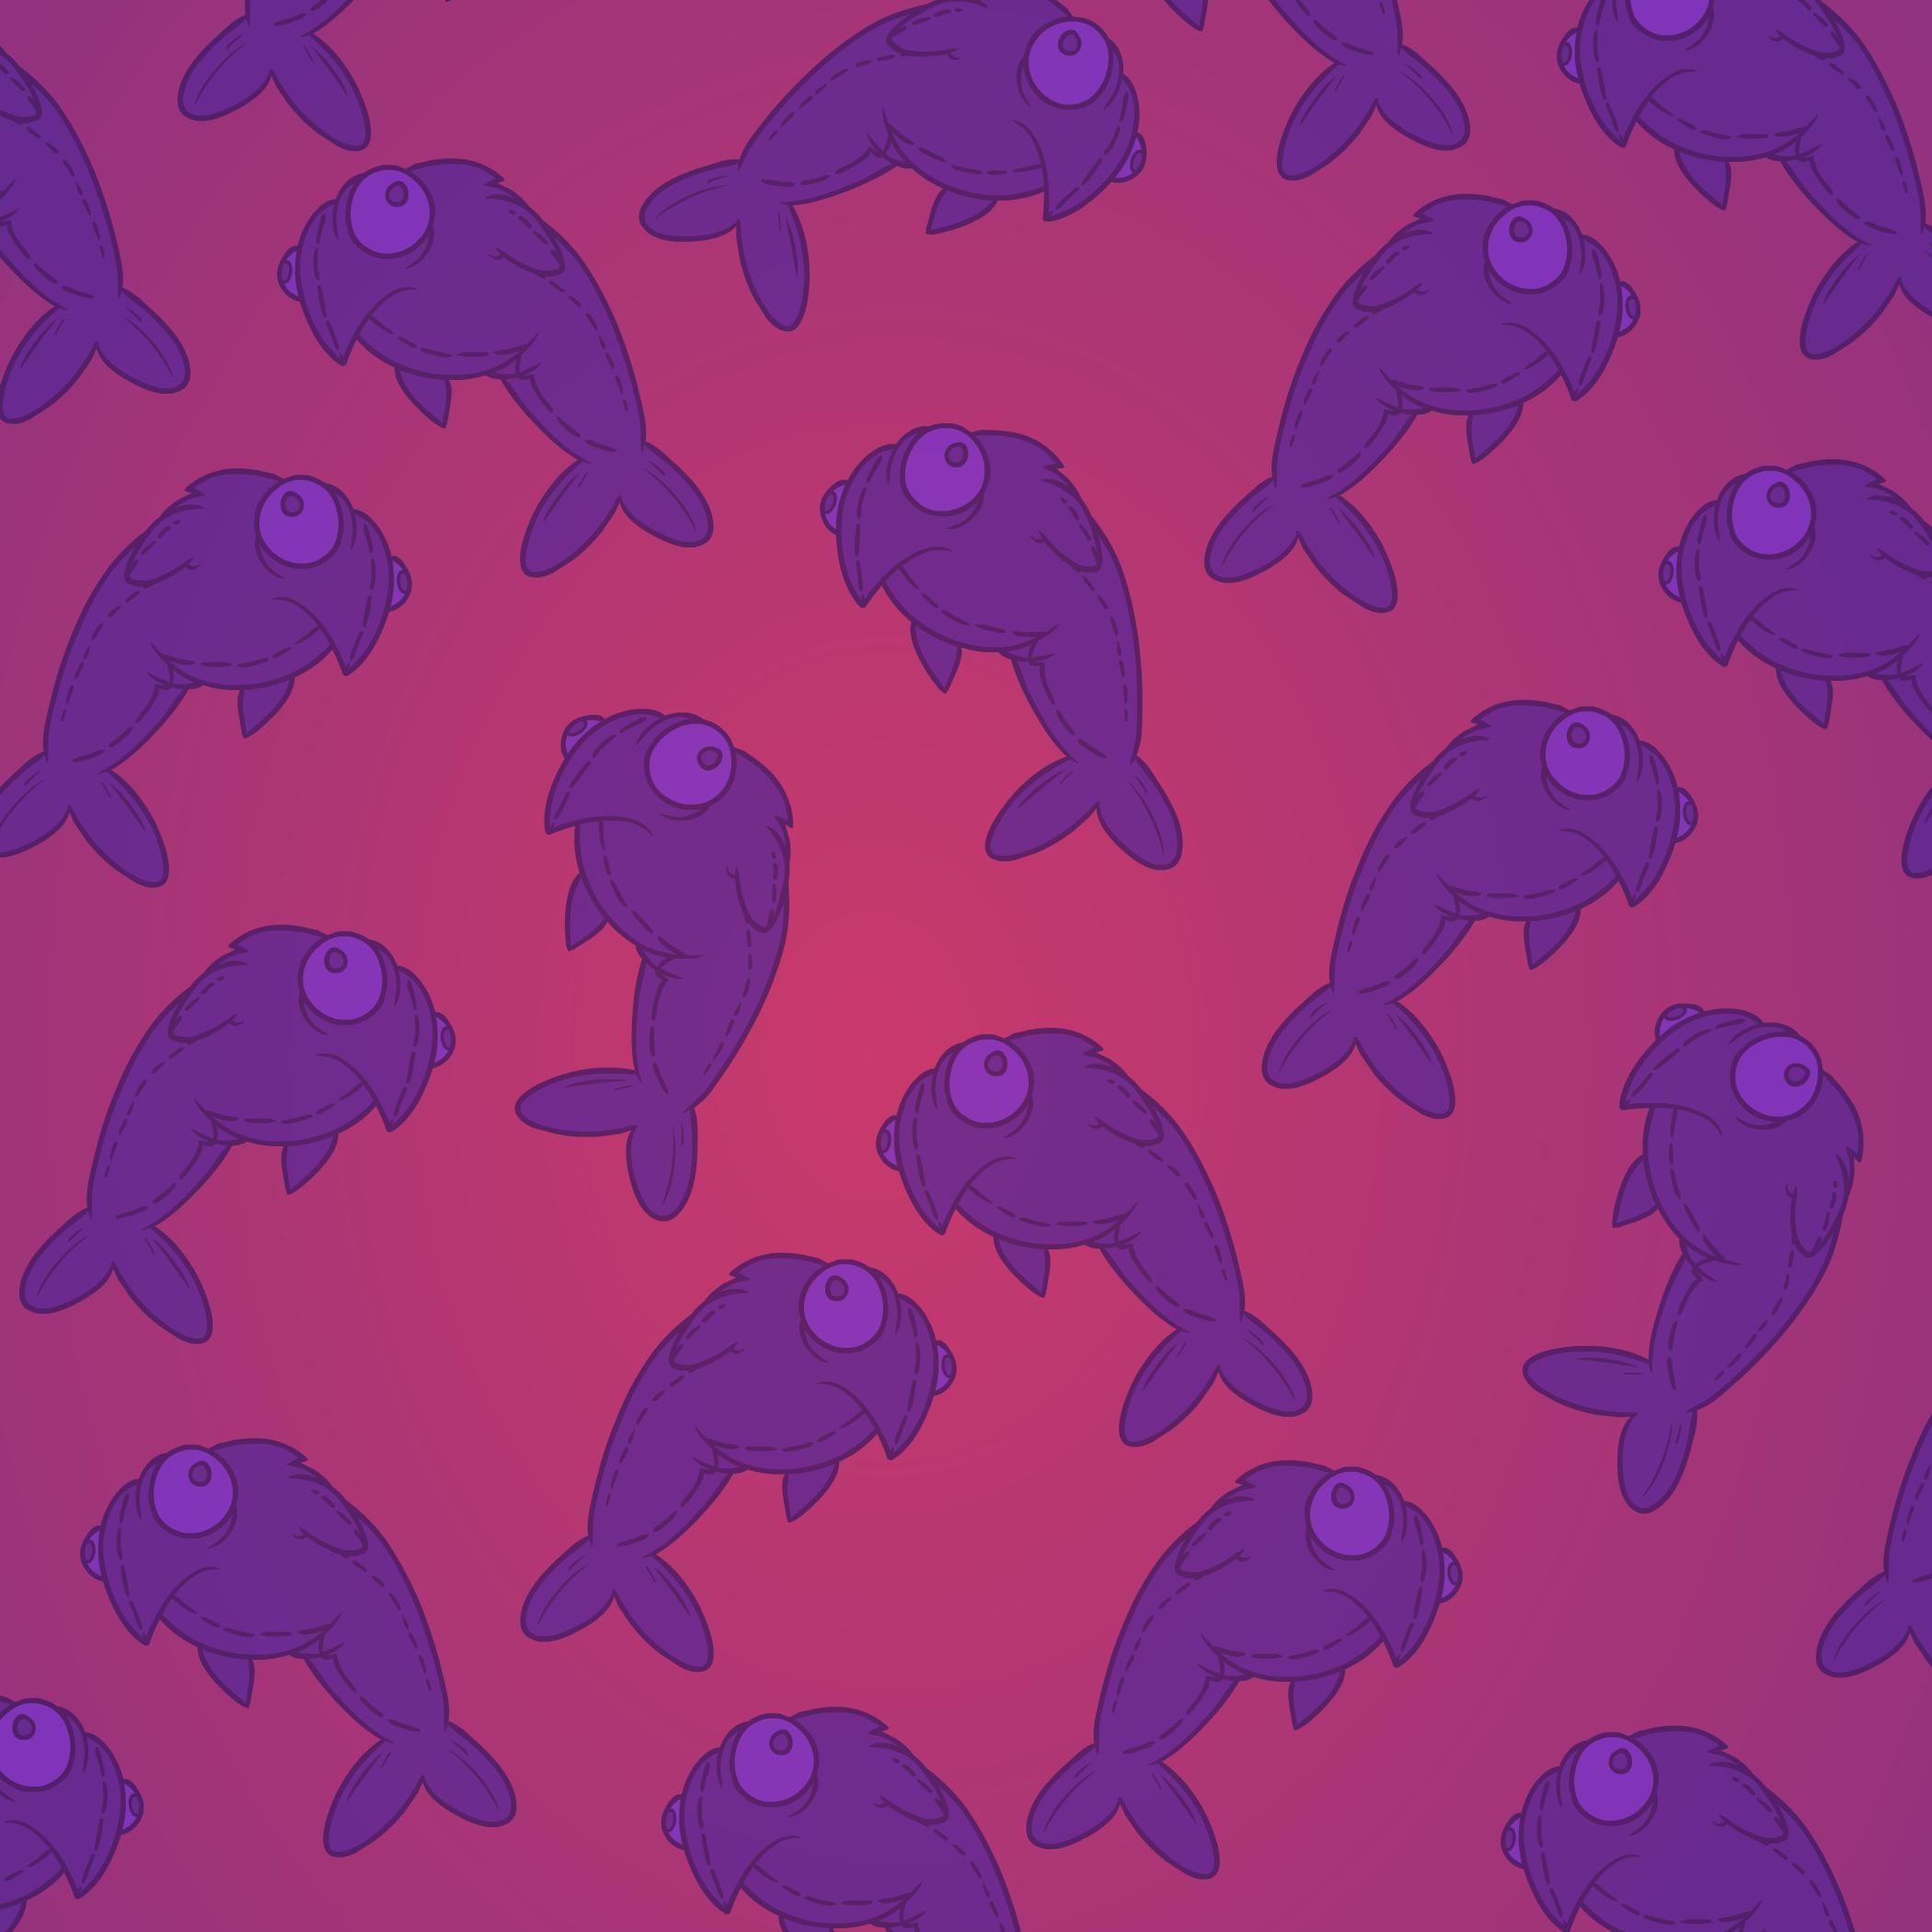 Fluffy Stuffie Background